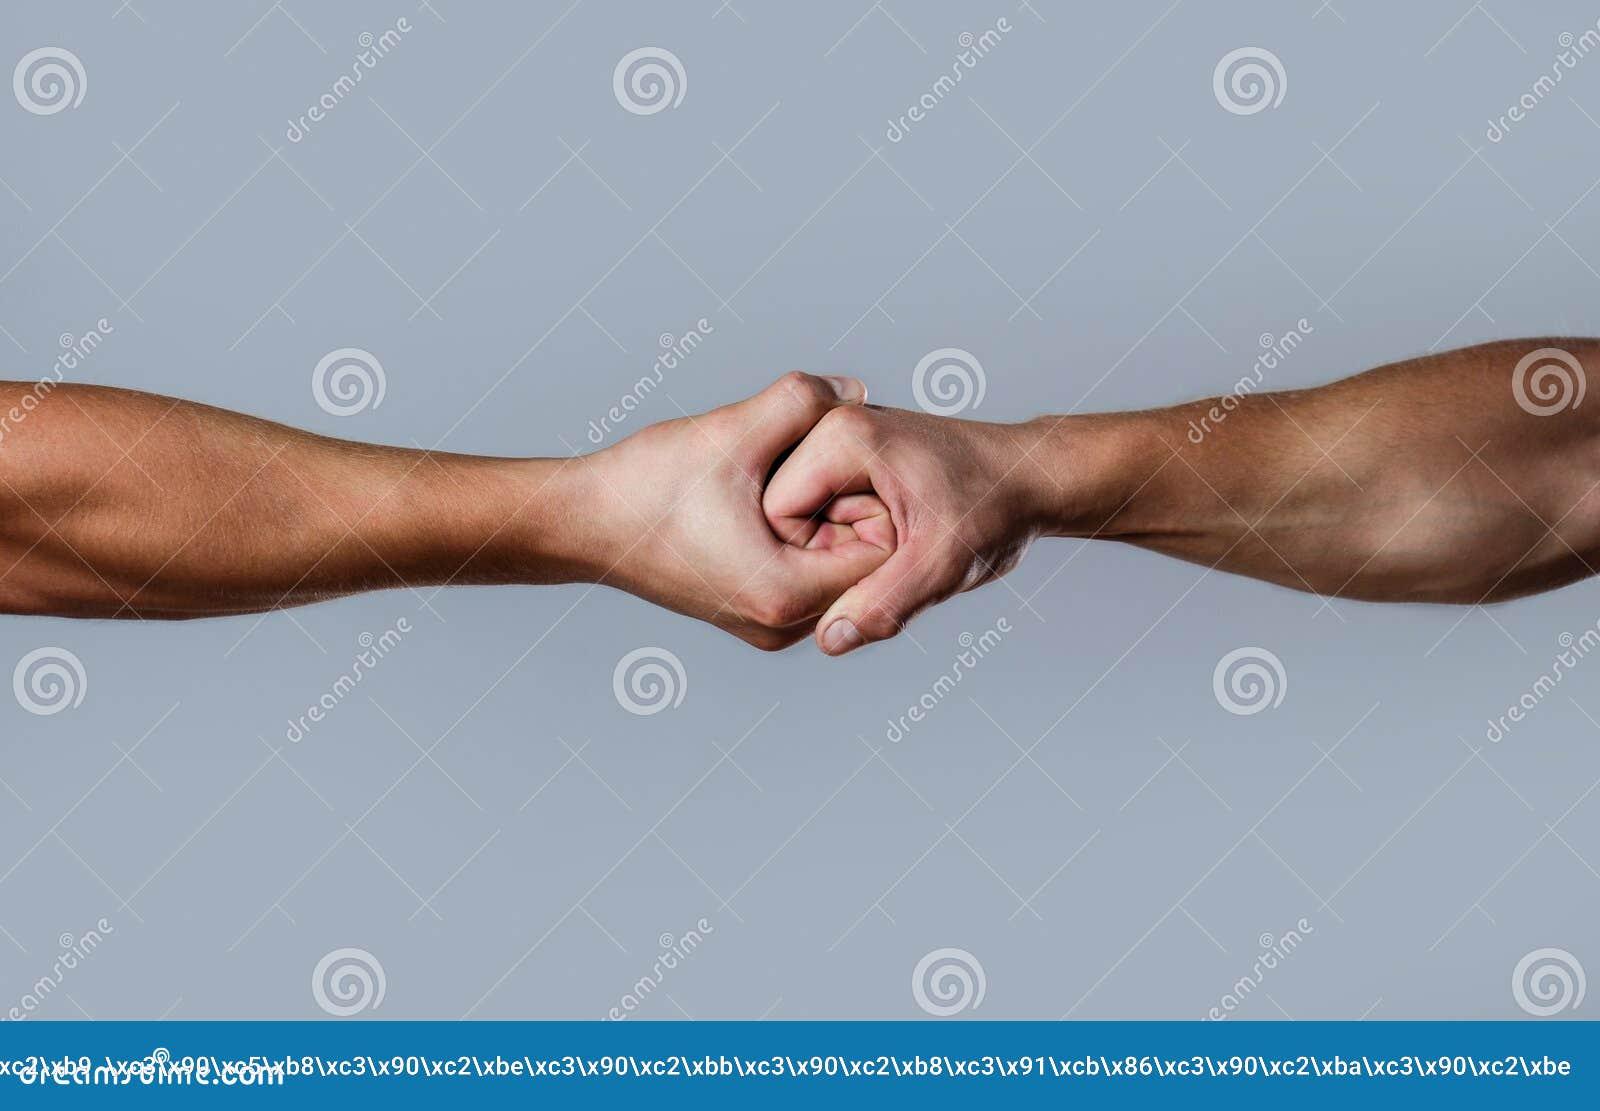 Due Mani Braccio Isolato Mano Amica Di Un Amico Stretta Di